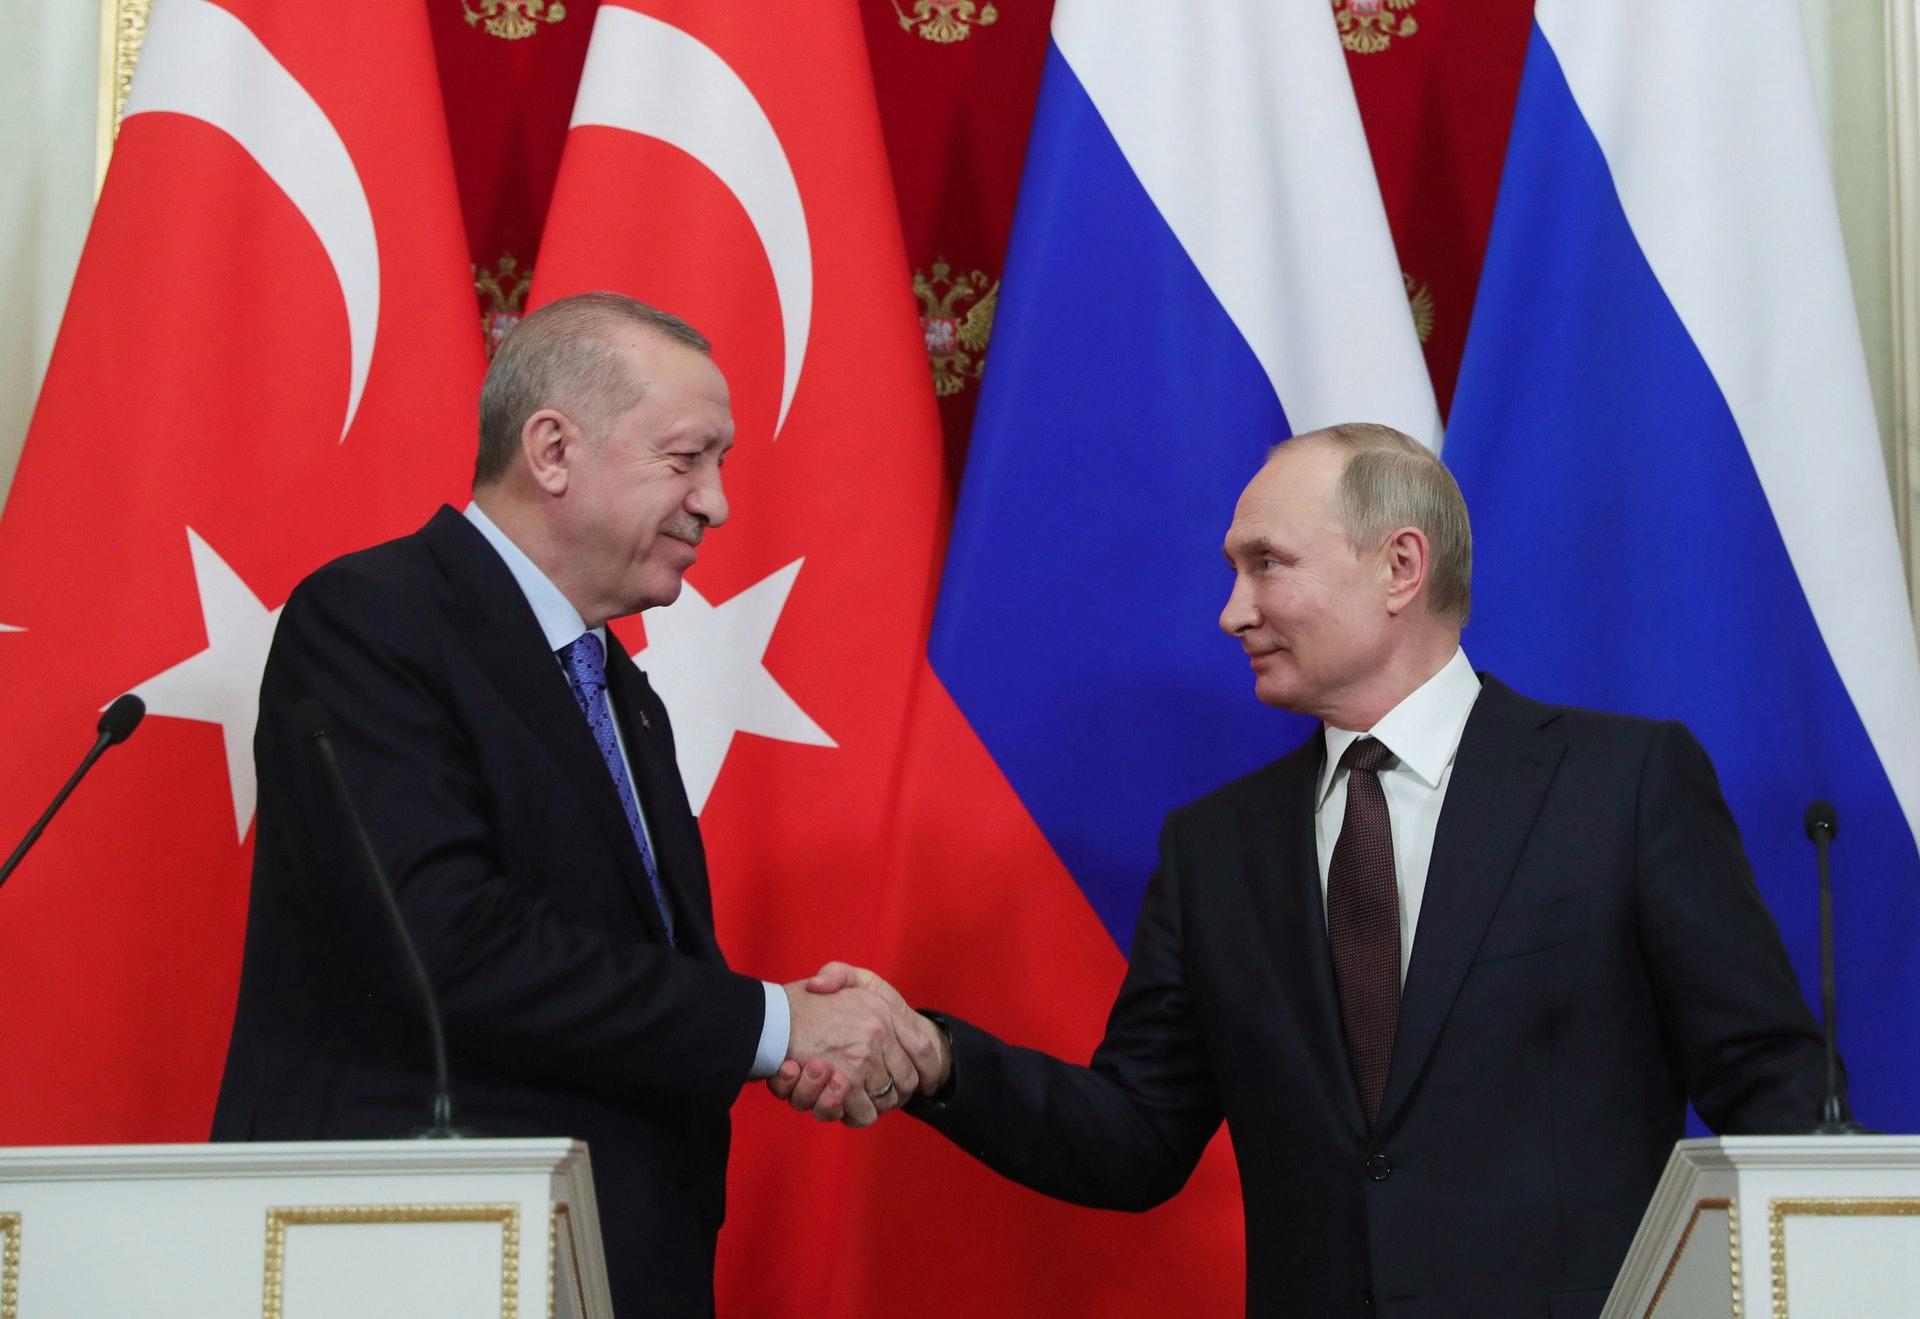 2020年3月5日,周四,俄罗斯总统弗拉基米尔·普京(右)和土耳其总统雷杰普·塔伊普·埃尔多安在克里姆林宫举行了6个小时的会谈后,举行了联合新闻发佈会。(AP)